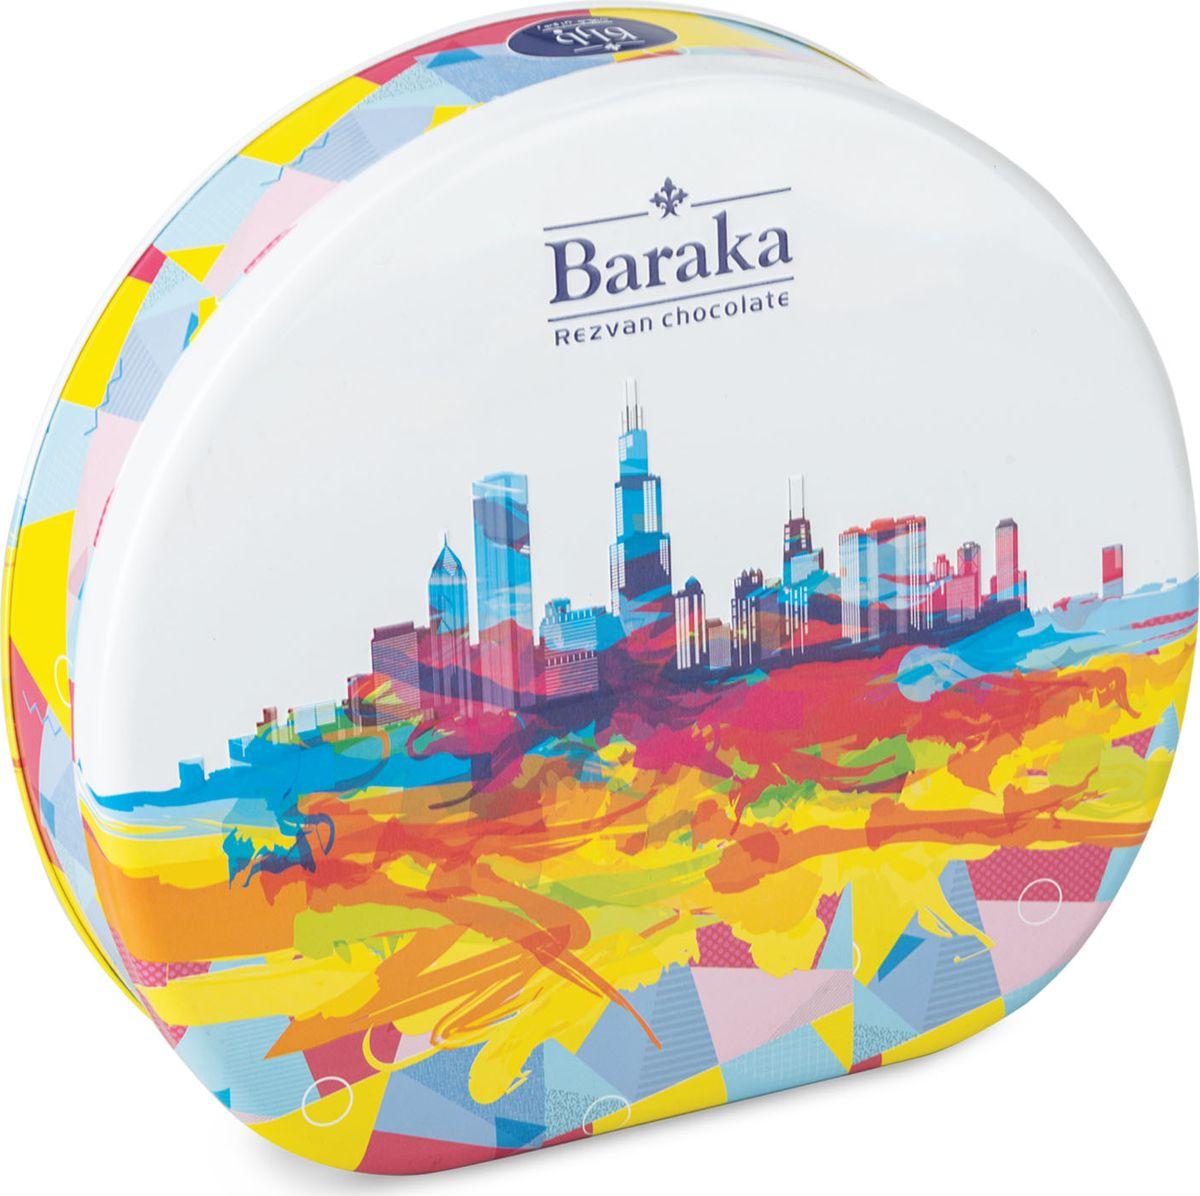 Baraka Самба ассорти шоколадных конфет, 300 г